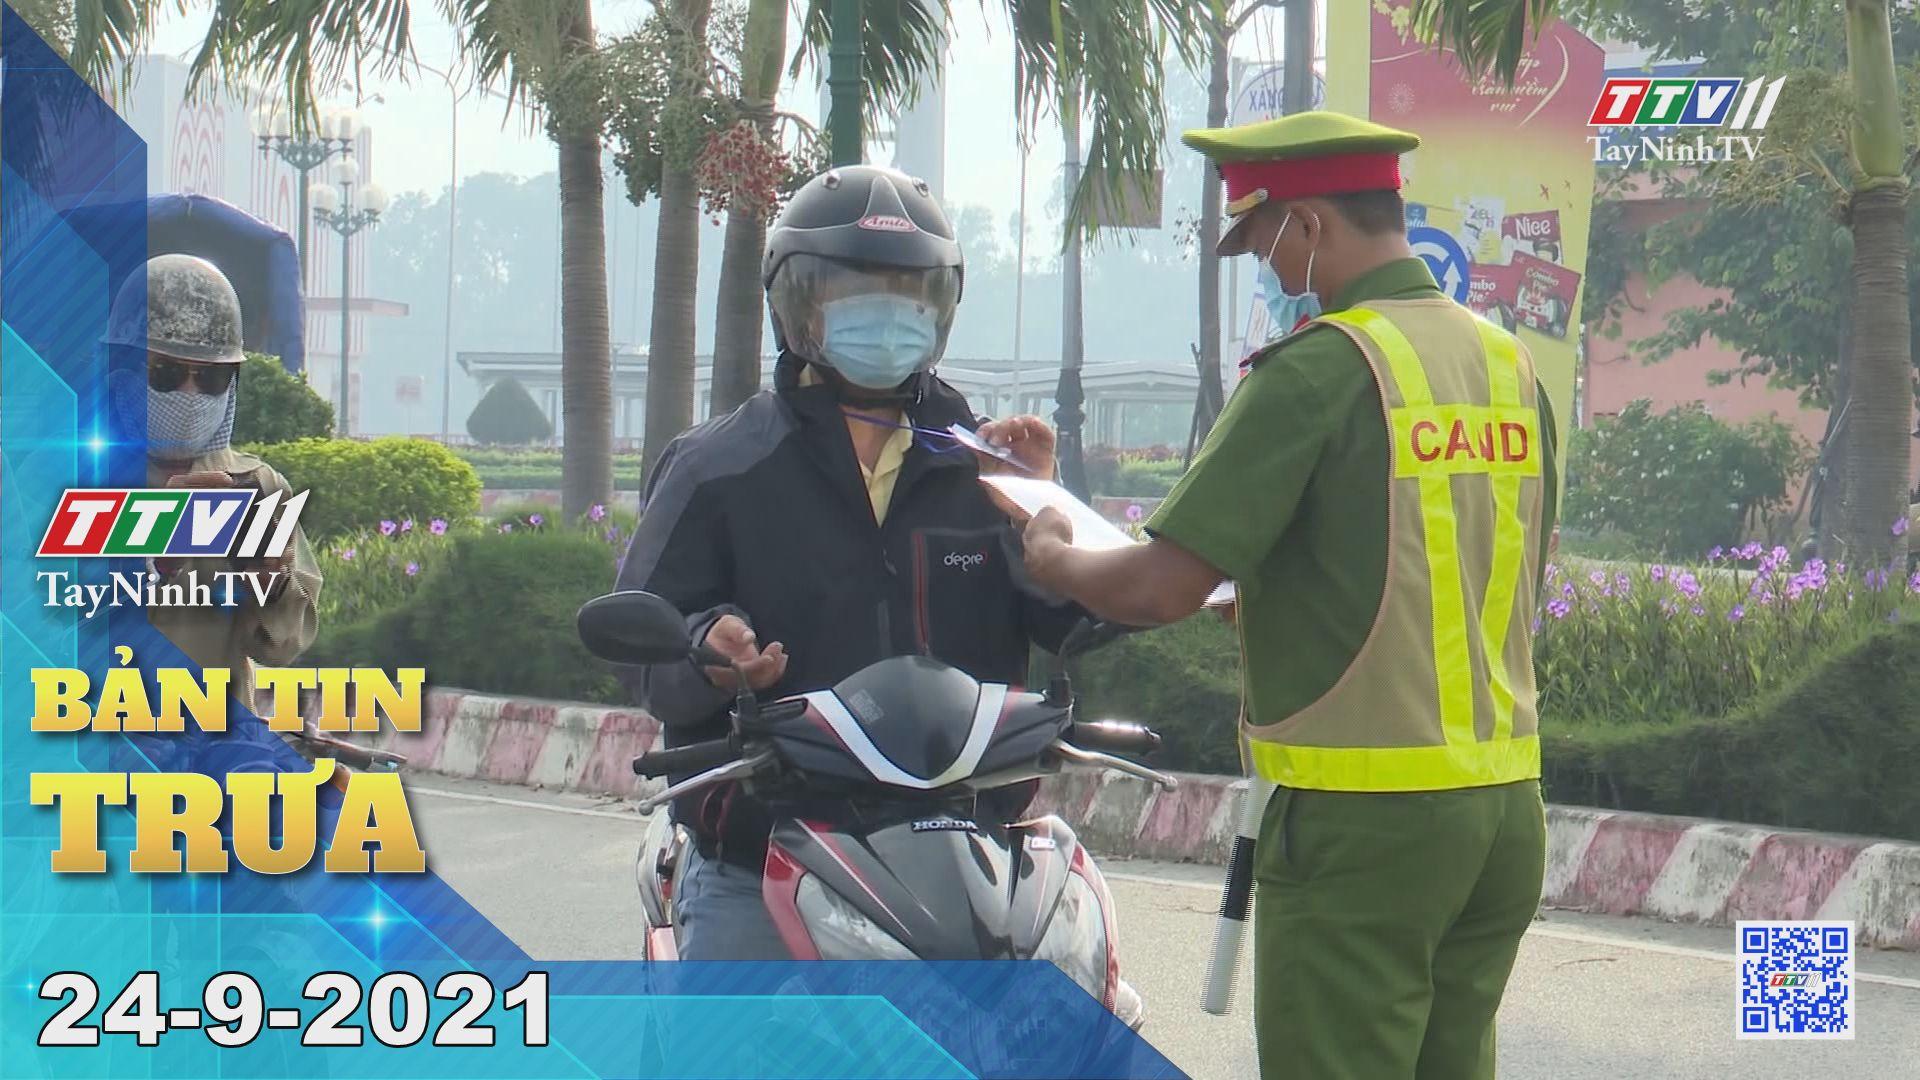 Bản tin sáng 24/9/2021 | Tin tức hôm nay | TayNinhTV